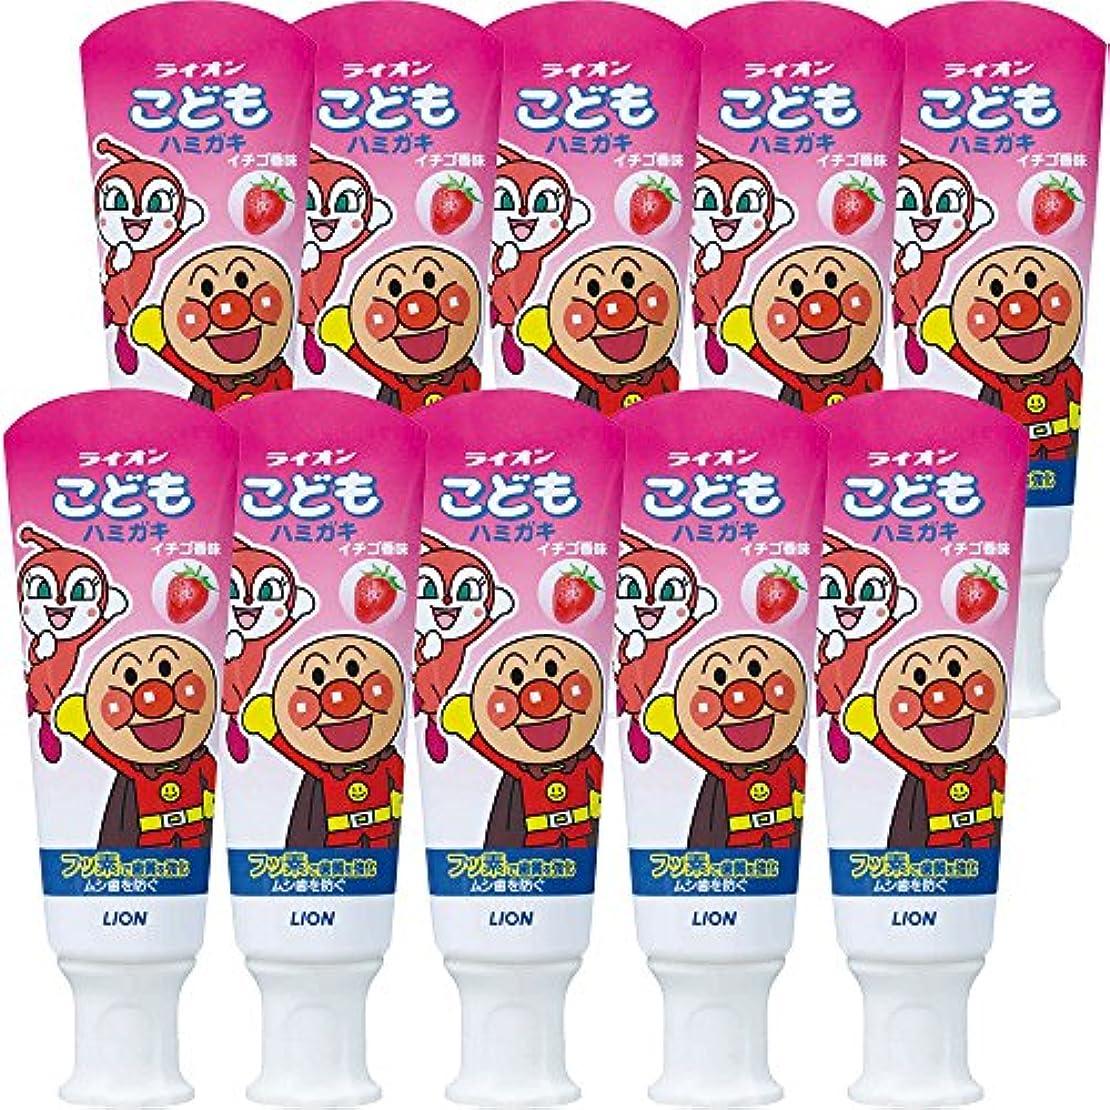 ぴかぴか帰するエンティティこどもハミガキ アンパンマン イチゴ香味 40g×10個パック (医薬部外品)